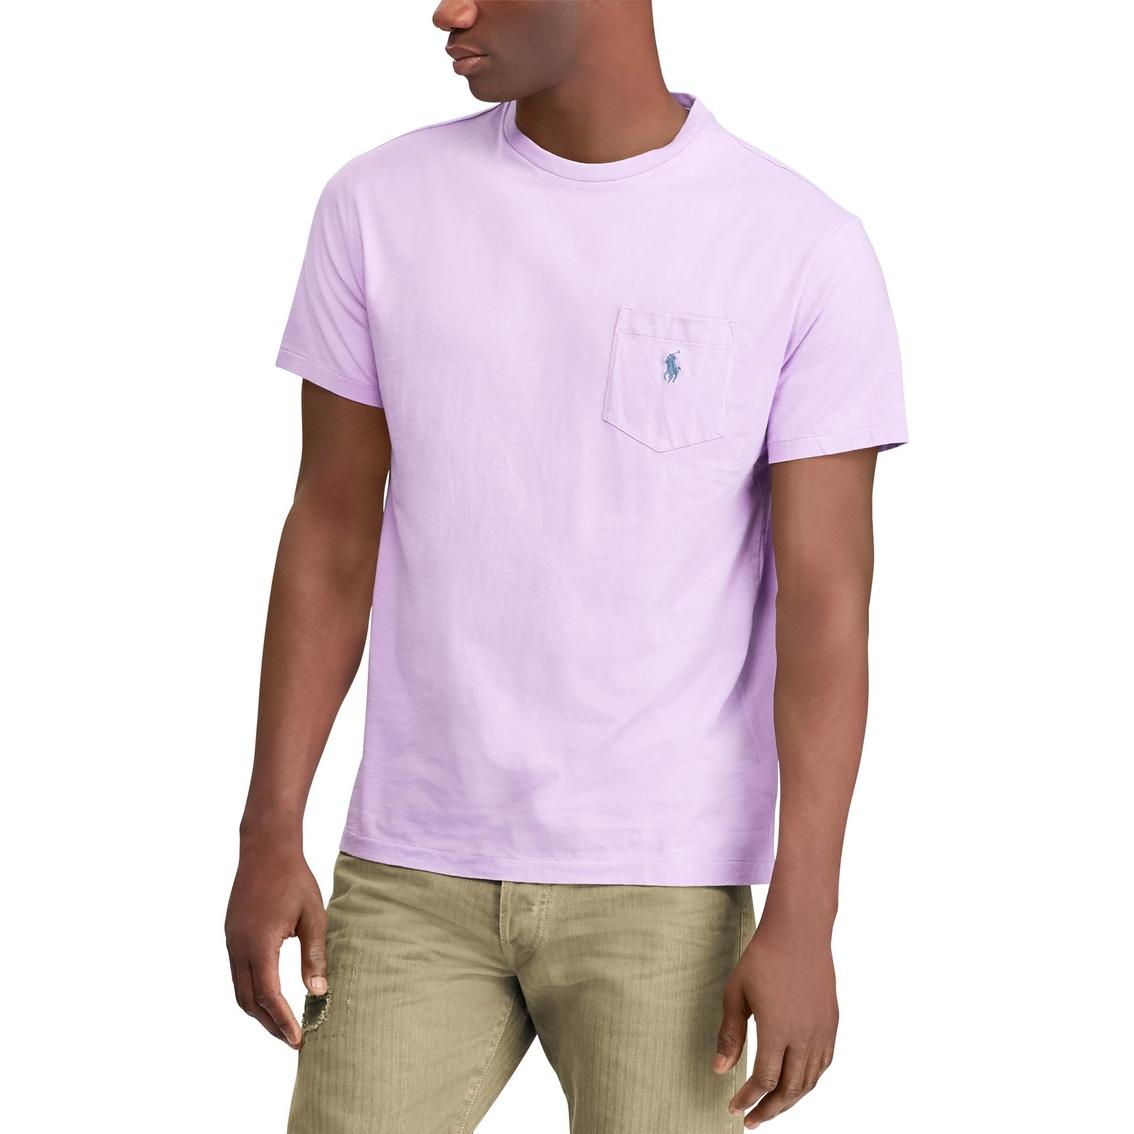 2073592a26788 Polo Ralph Lauren Classic Fit Pocket Cotton T Shirt